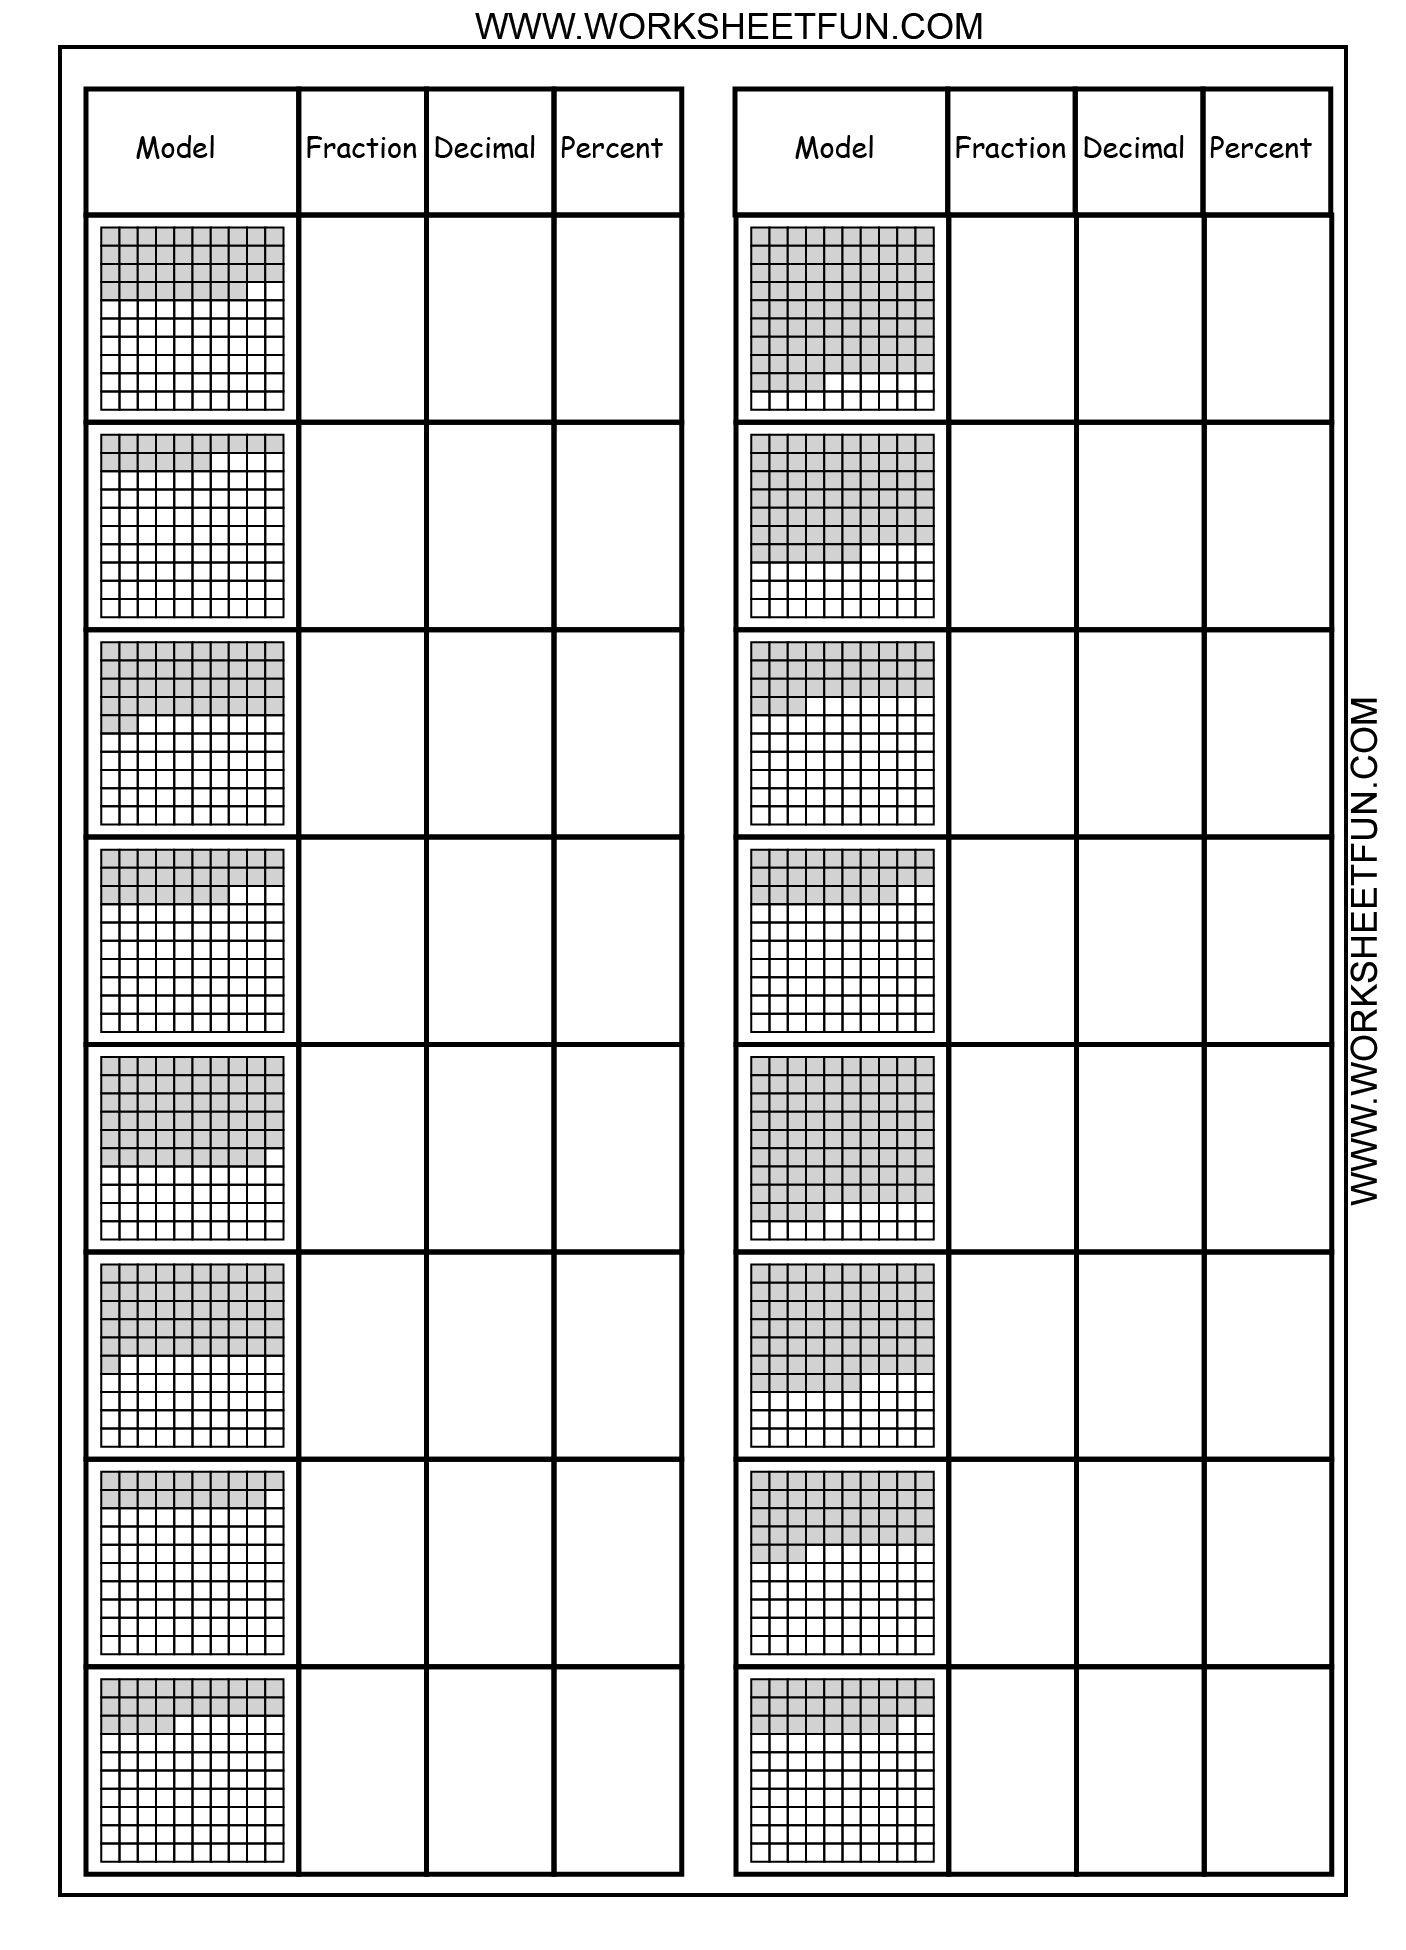 3 Converting Fractions to Decimals Worksheet 6th Grade Convert between  percents fractions and...   Math decimals [ 1950 x 1406 Pixel ]